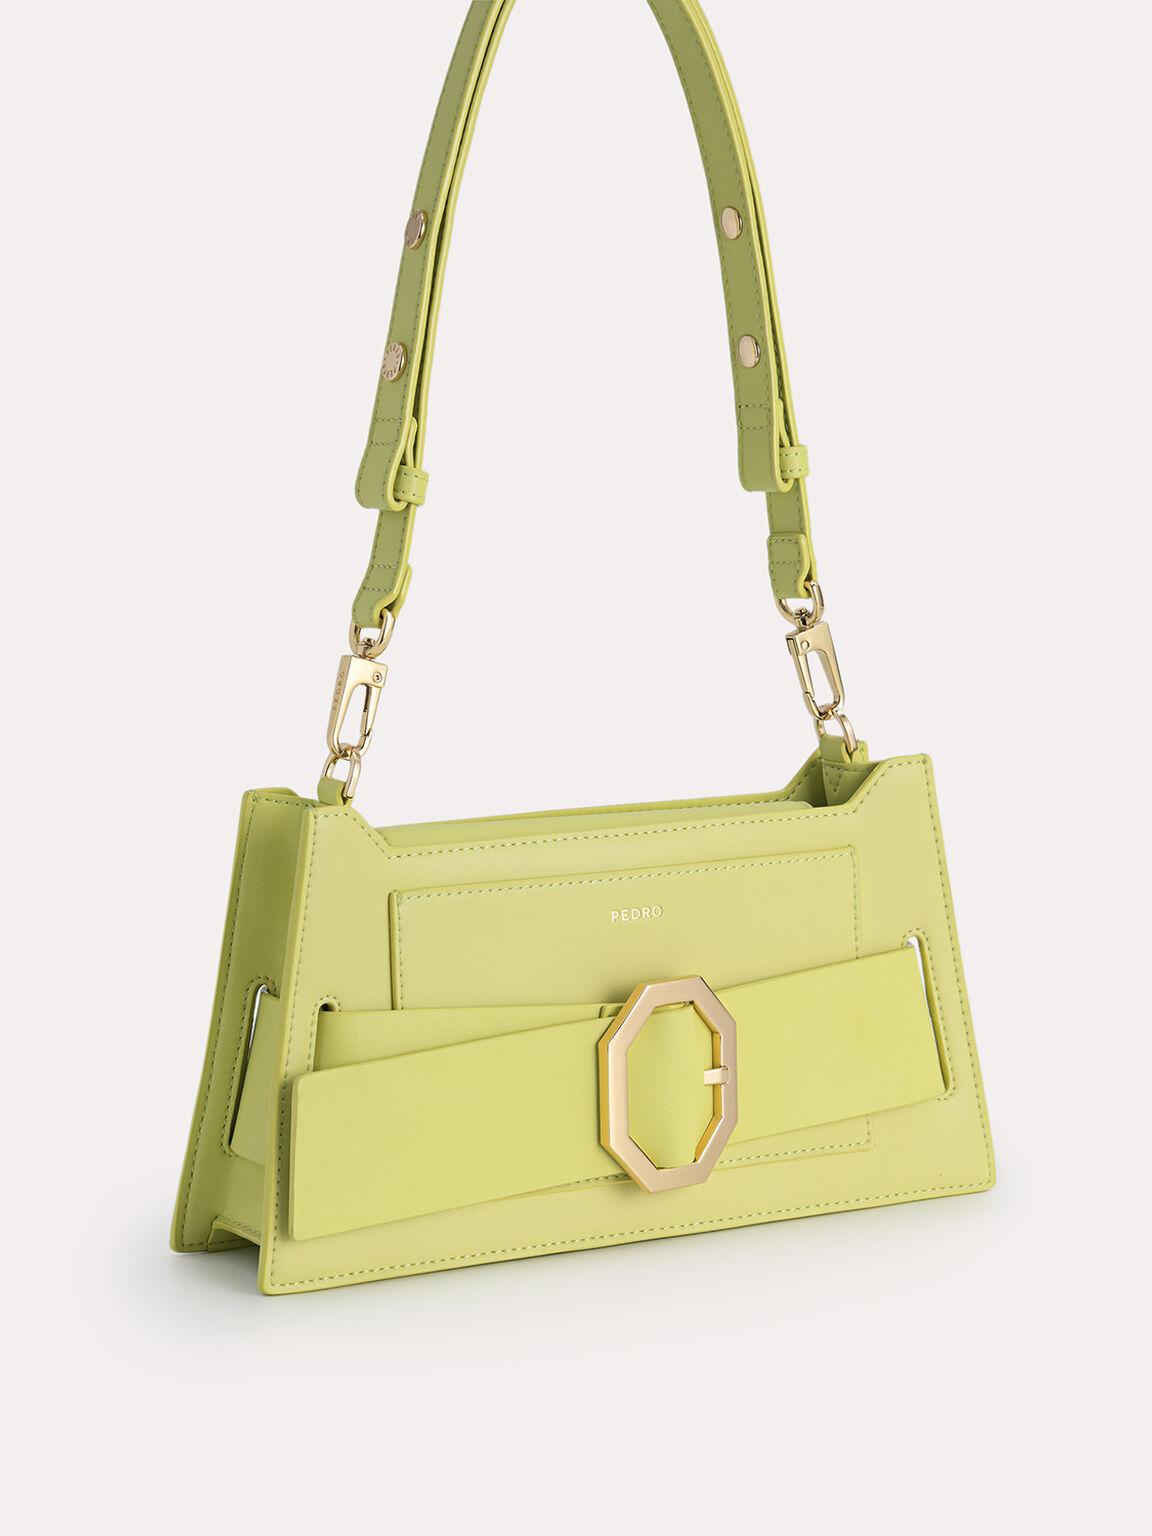 Octagon Buckled Leather Shoulder Bag, Light Green, hi-res